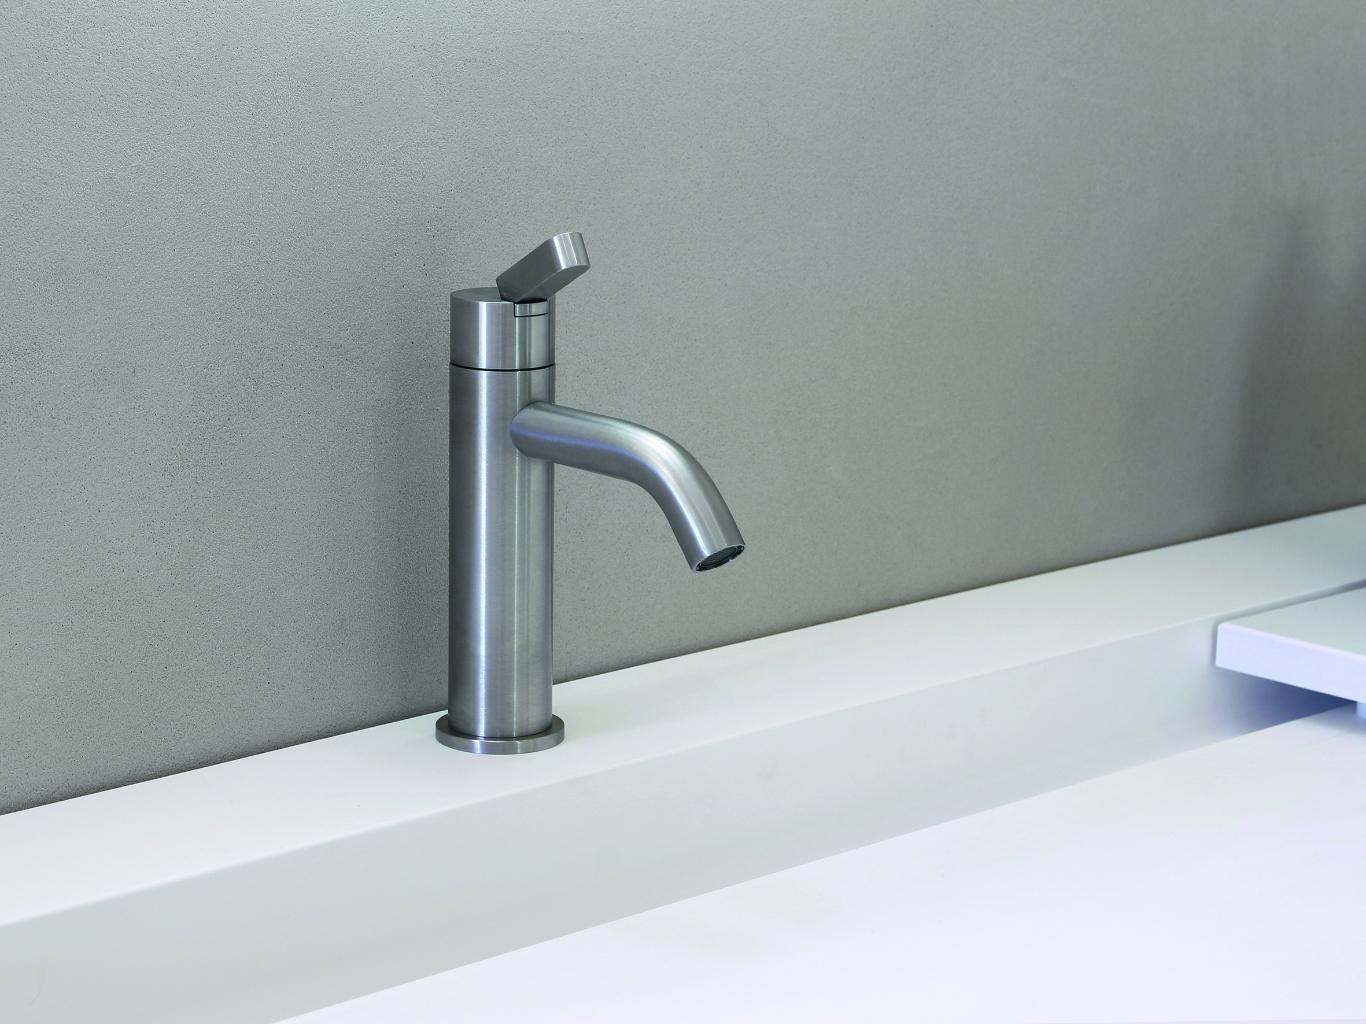 Agape la nuova linea di arredo bagno theoldnow for Agape accessori bagno